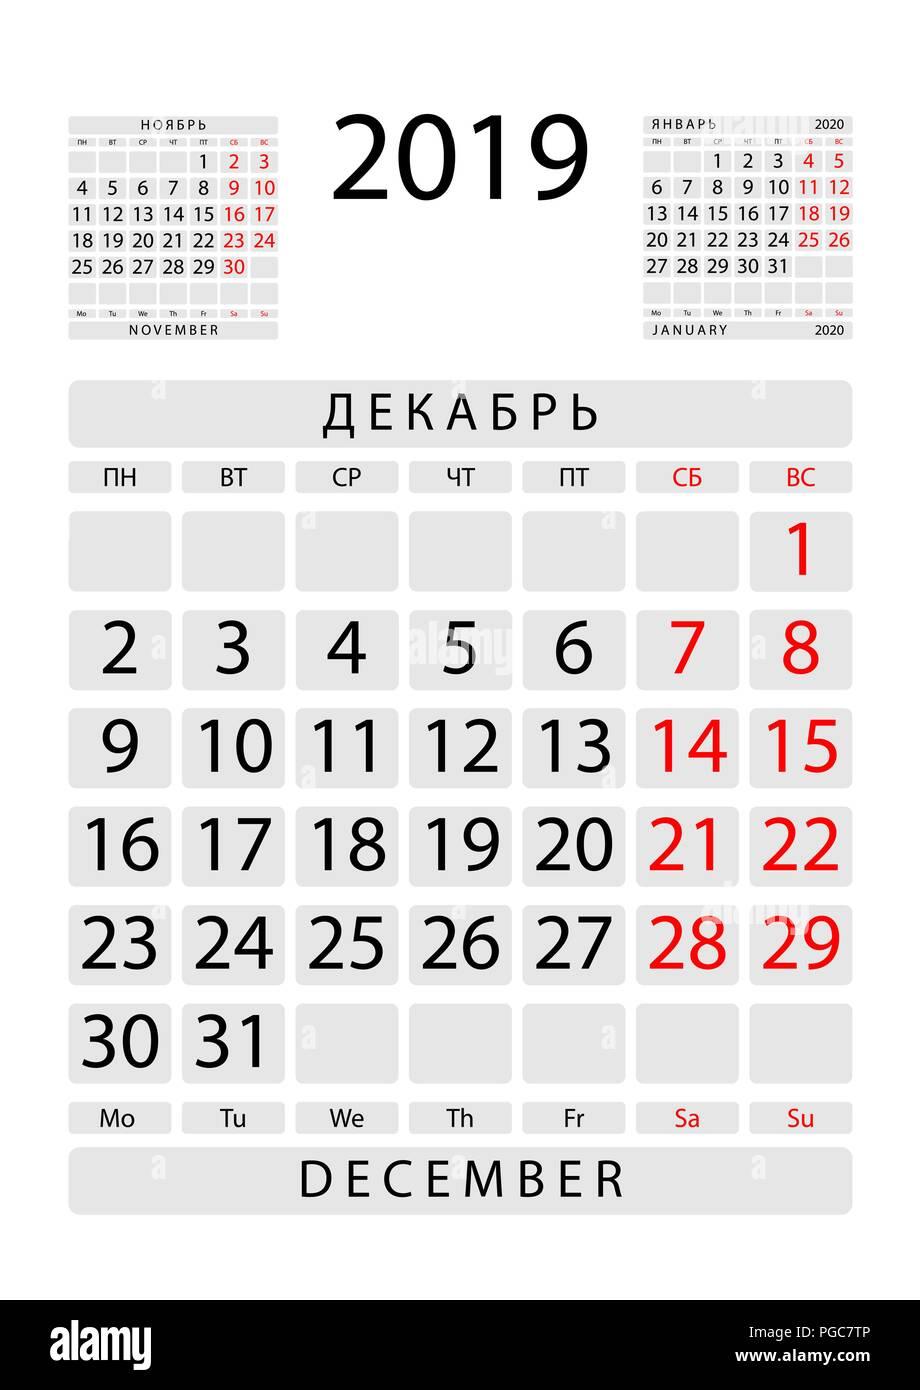 Calendario Mese Dicembre 2019.Foglio Di Calendario Per Il Mese Di Dicembre 2019 Con I Mesi